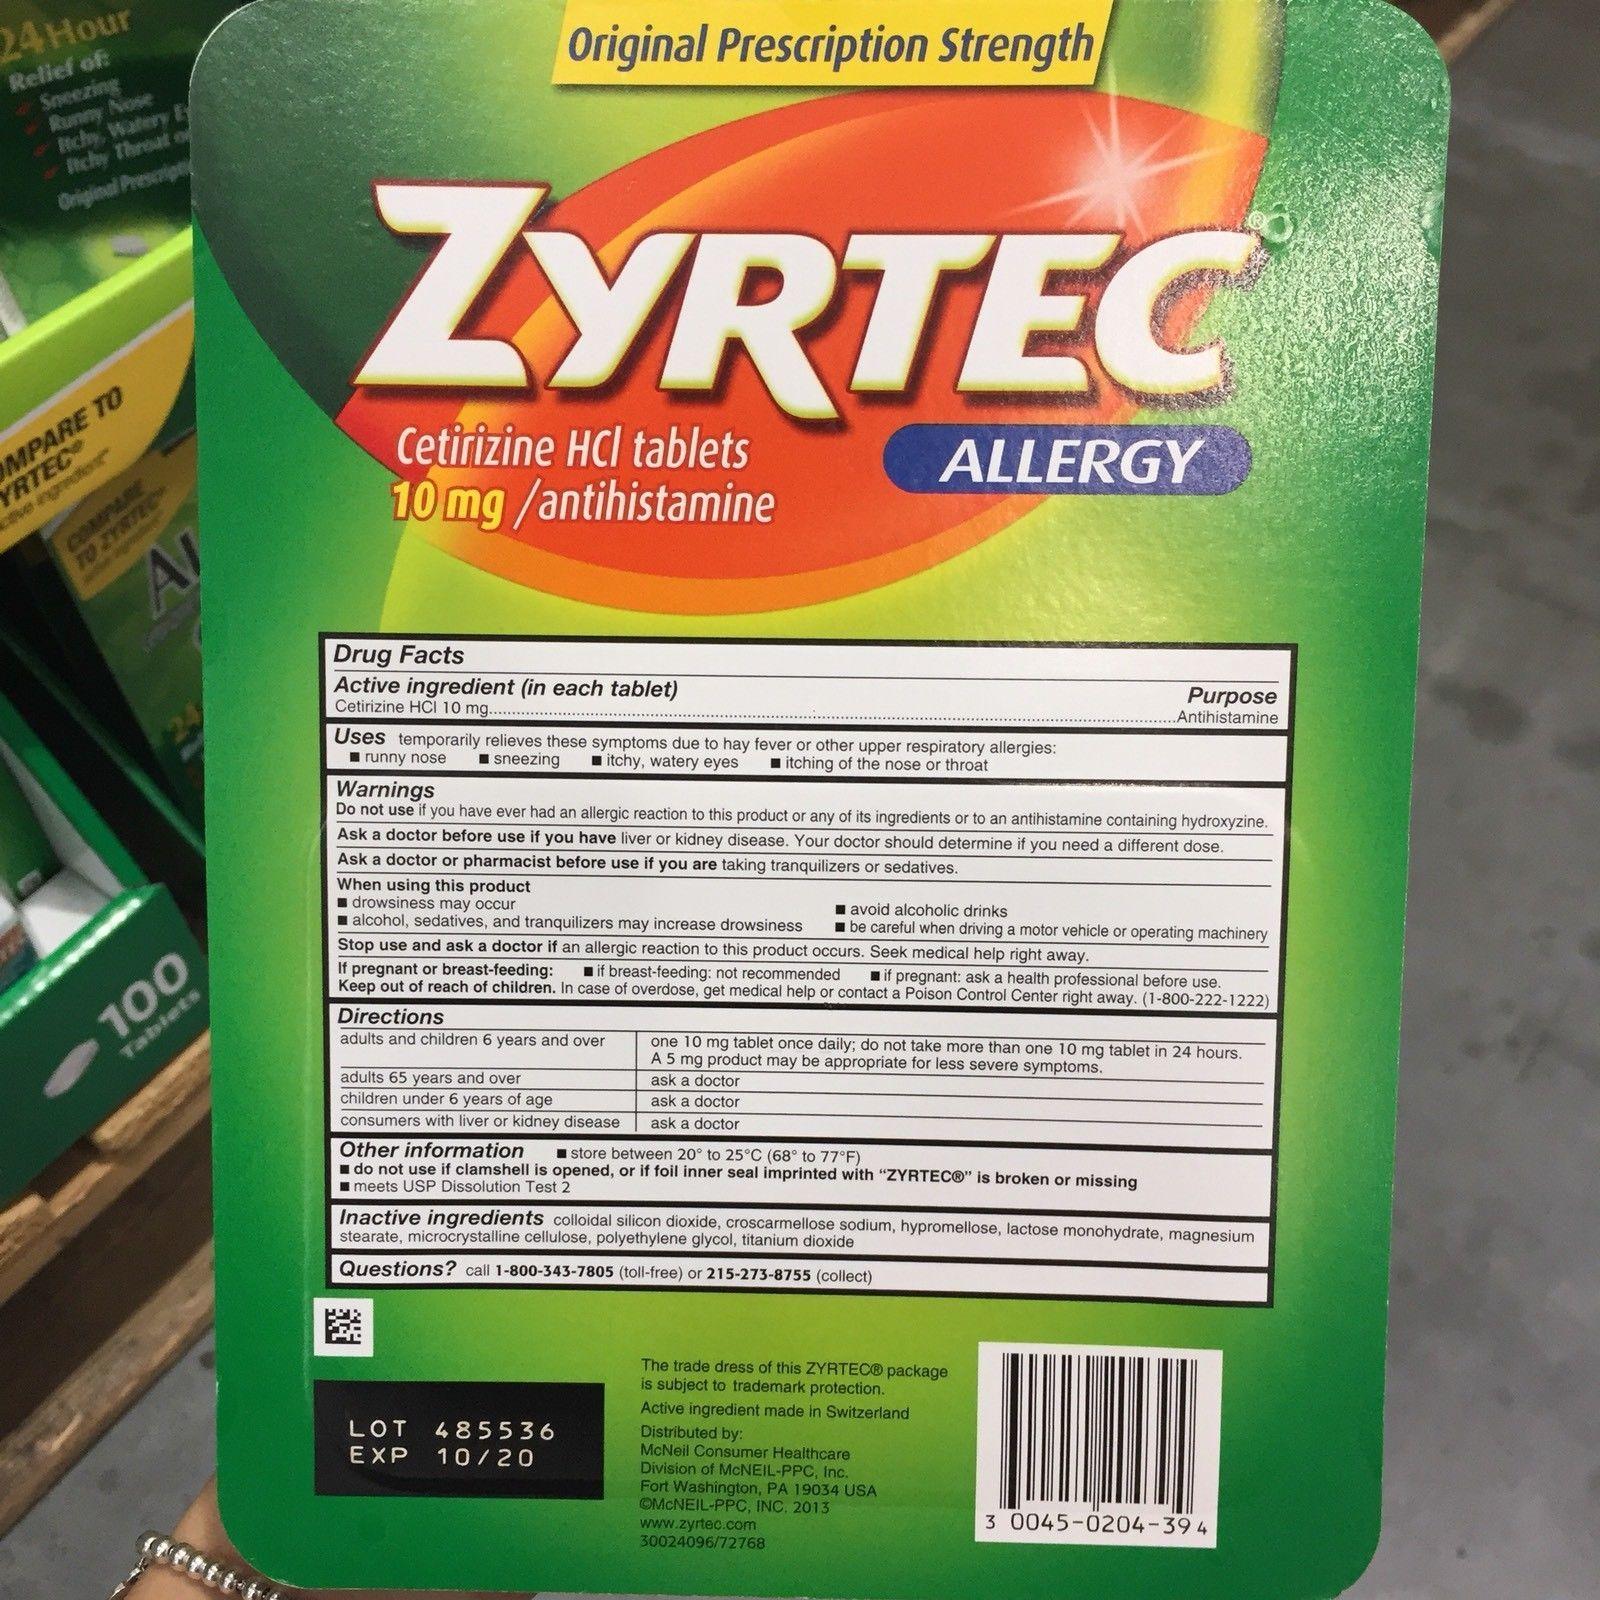 Zyrtec Allergy Cetirizine HCI 10mg, and 11 similar items